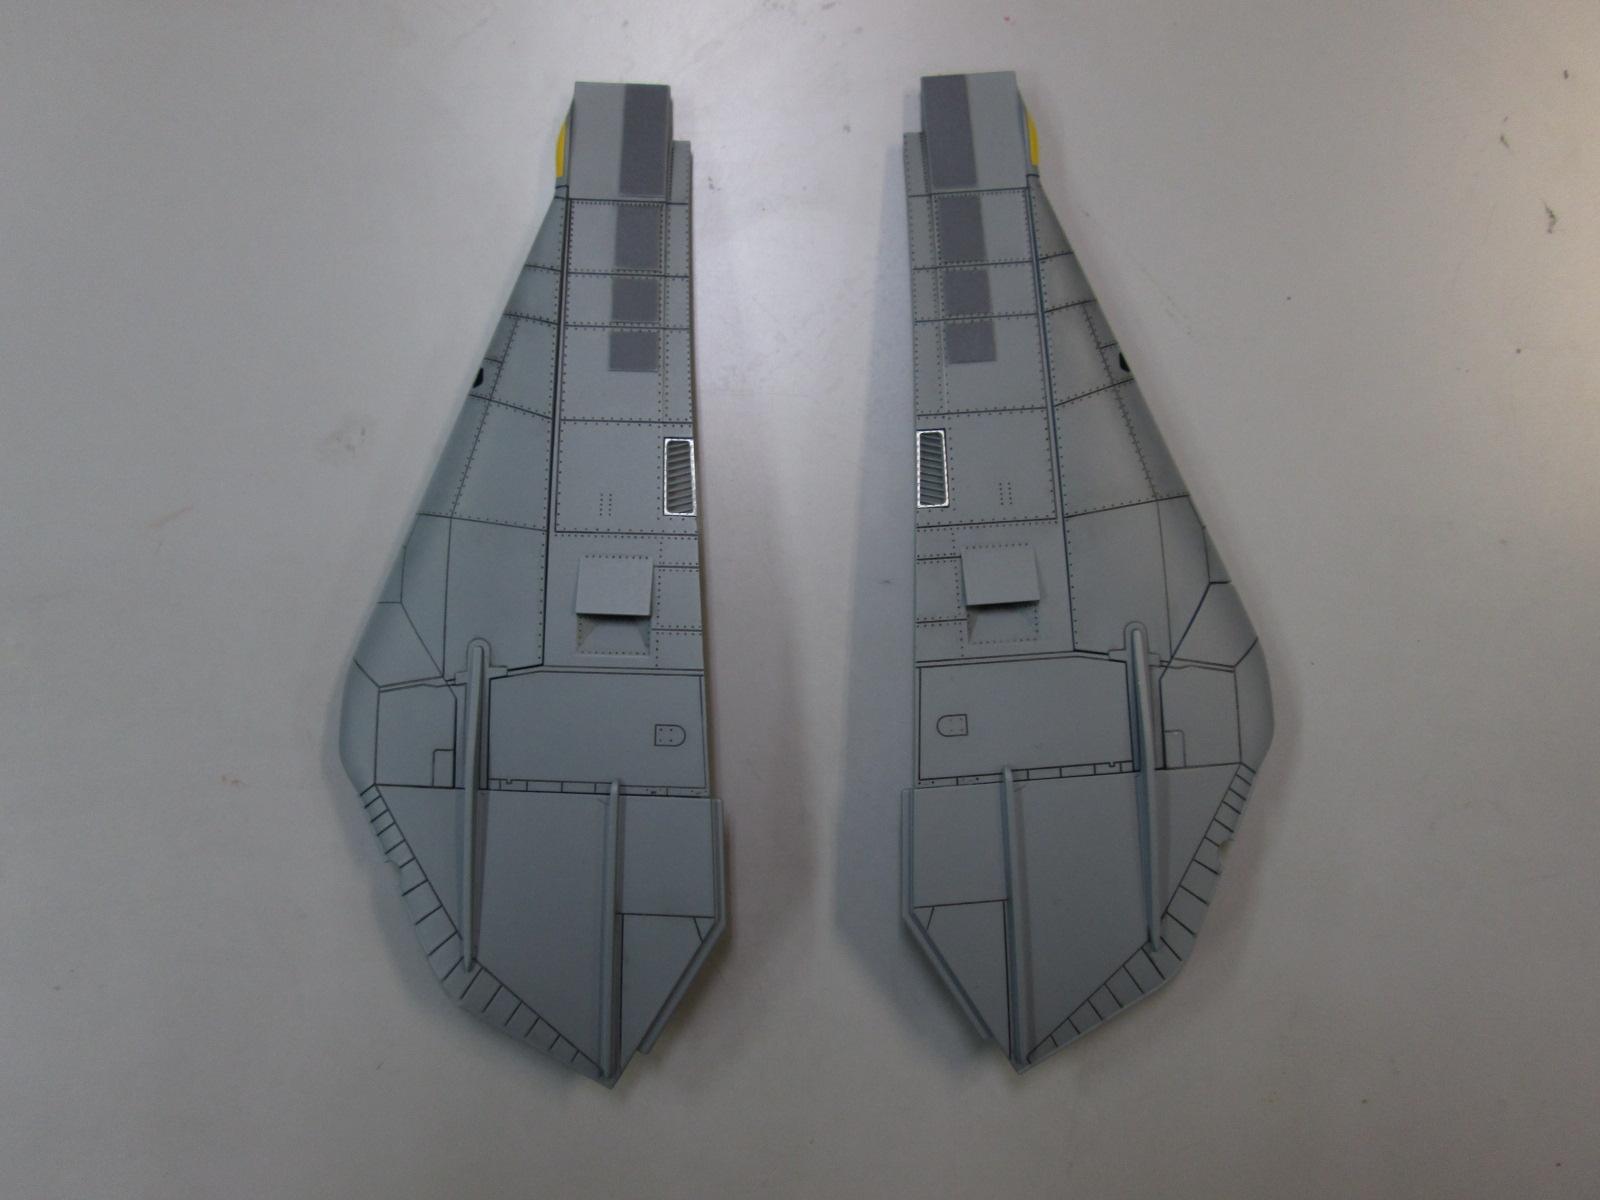 【アシェット】F-14 Tomcat 3号機【アシェット】 [転載禁止]©2ch.net YouTube動画>2本 ->画像>152枚